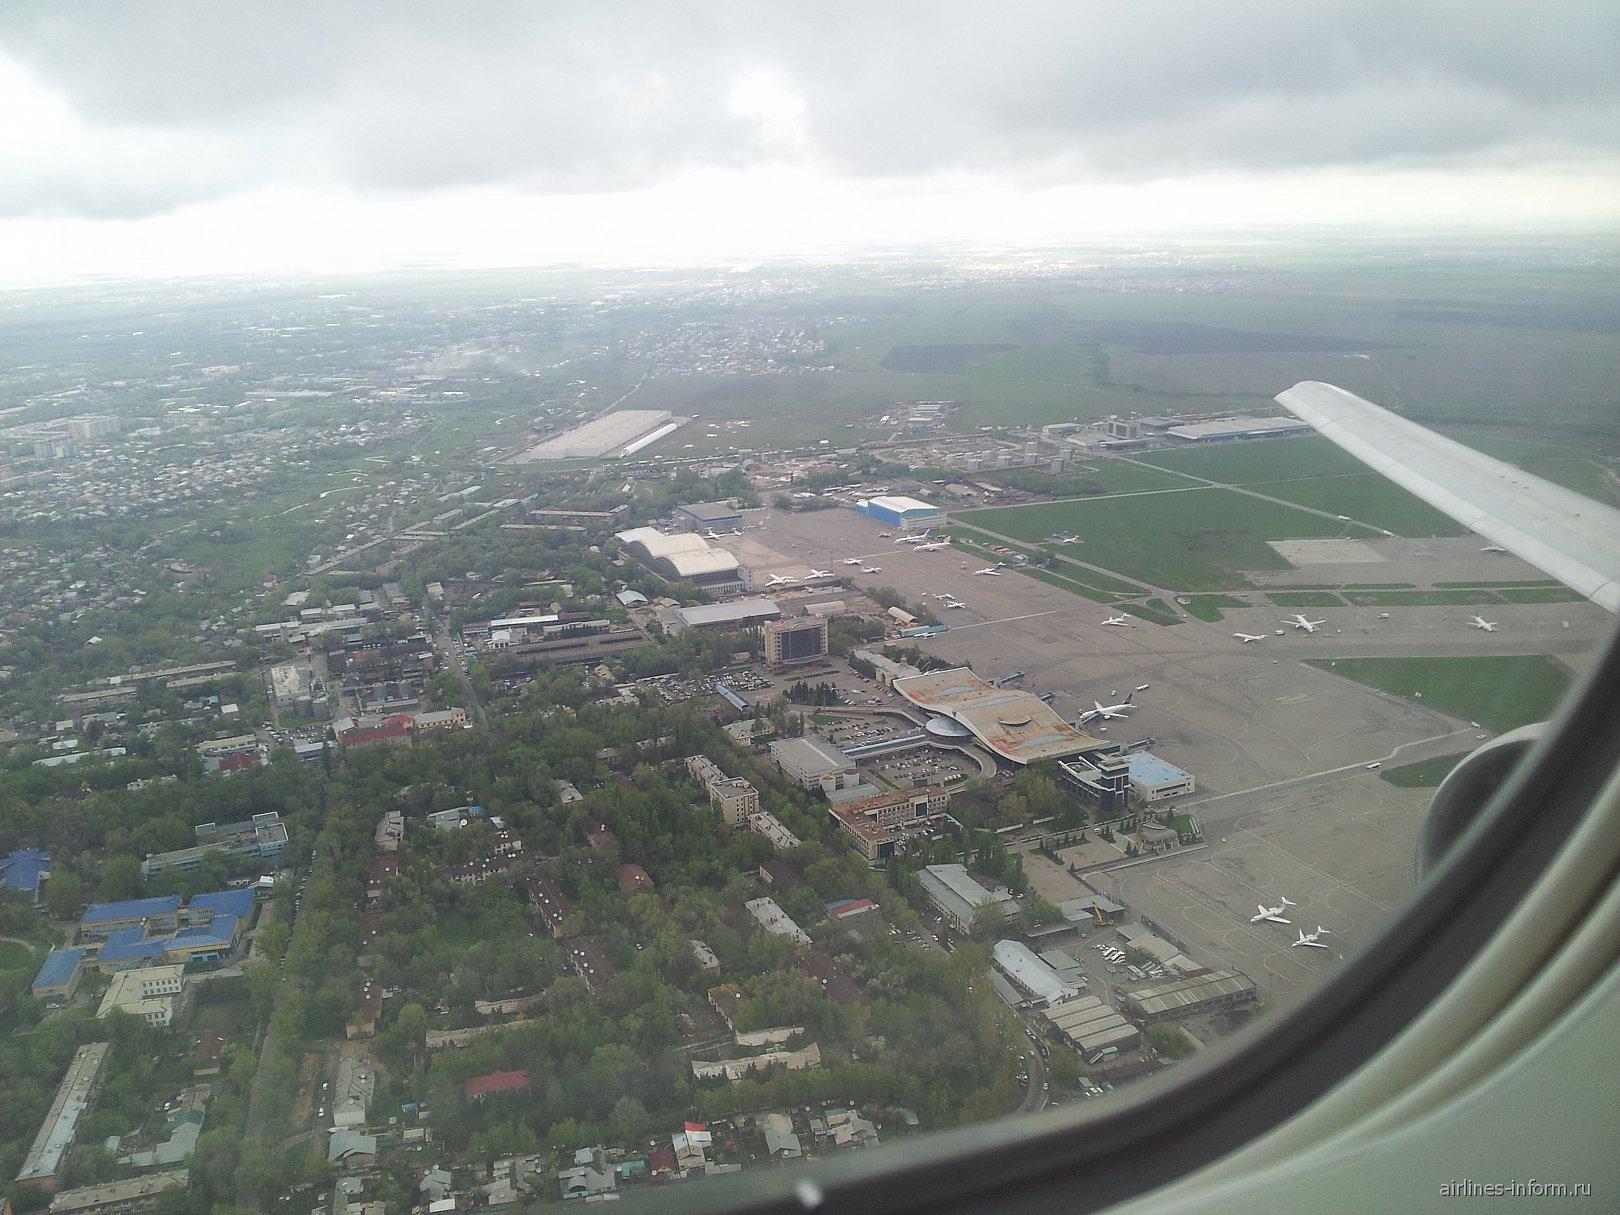 Вид из самолета на аэропорт Алматы